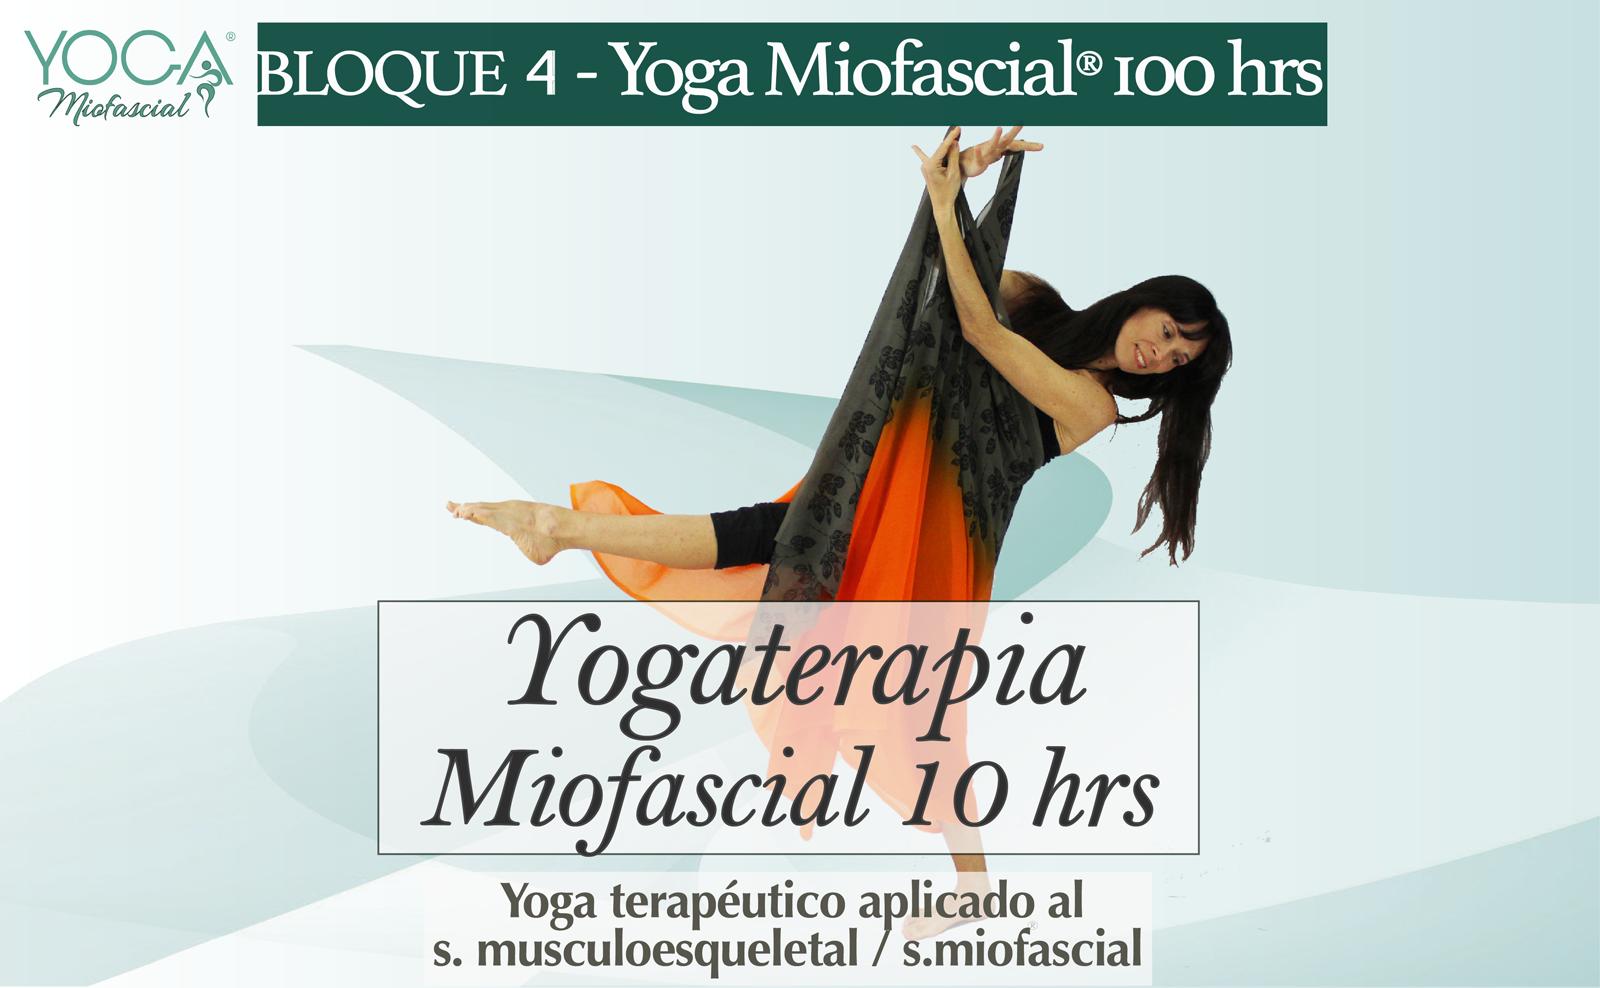 cartel Yoga Miofascial para HF 4